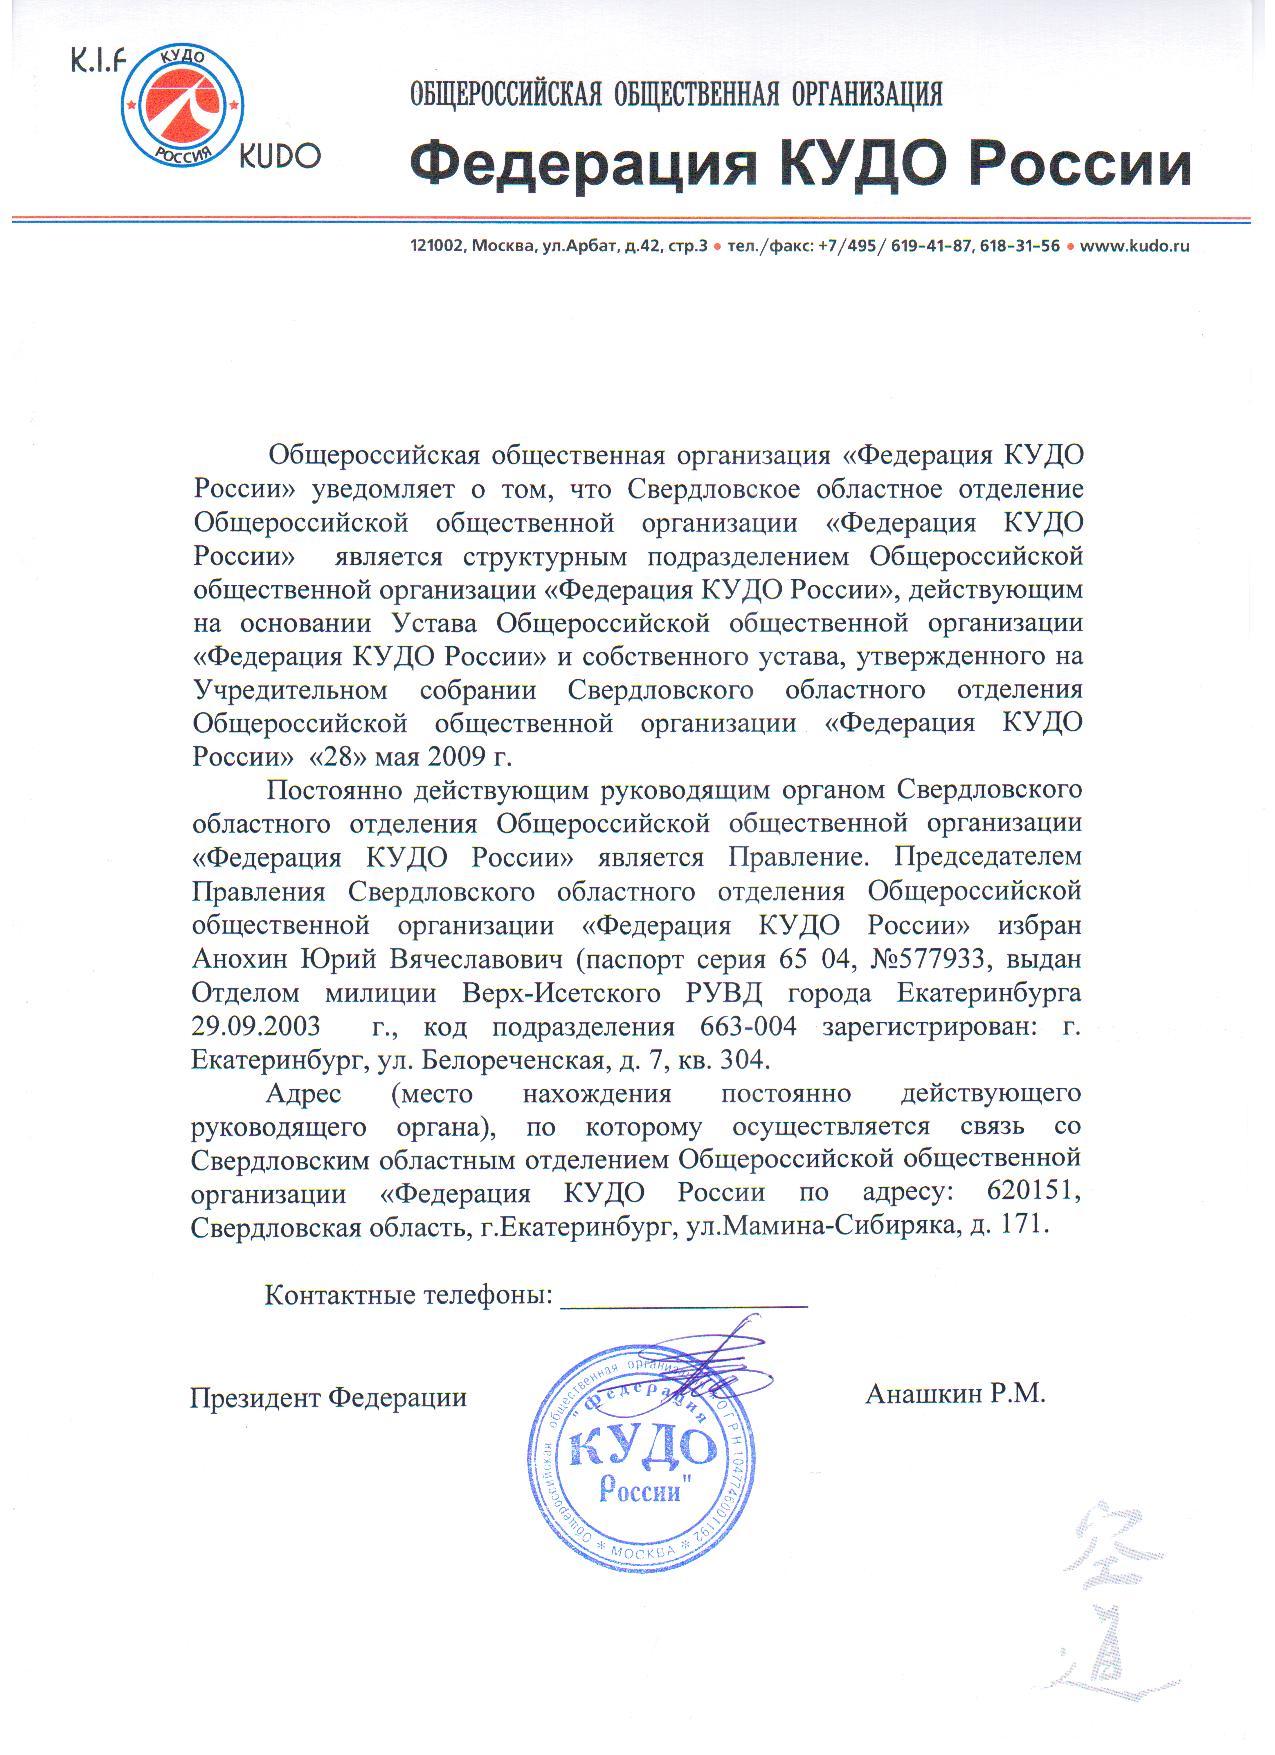 Уведомление об открытии Свердловского областного  отделения Федерации КУДО России